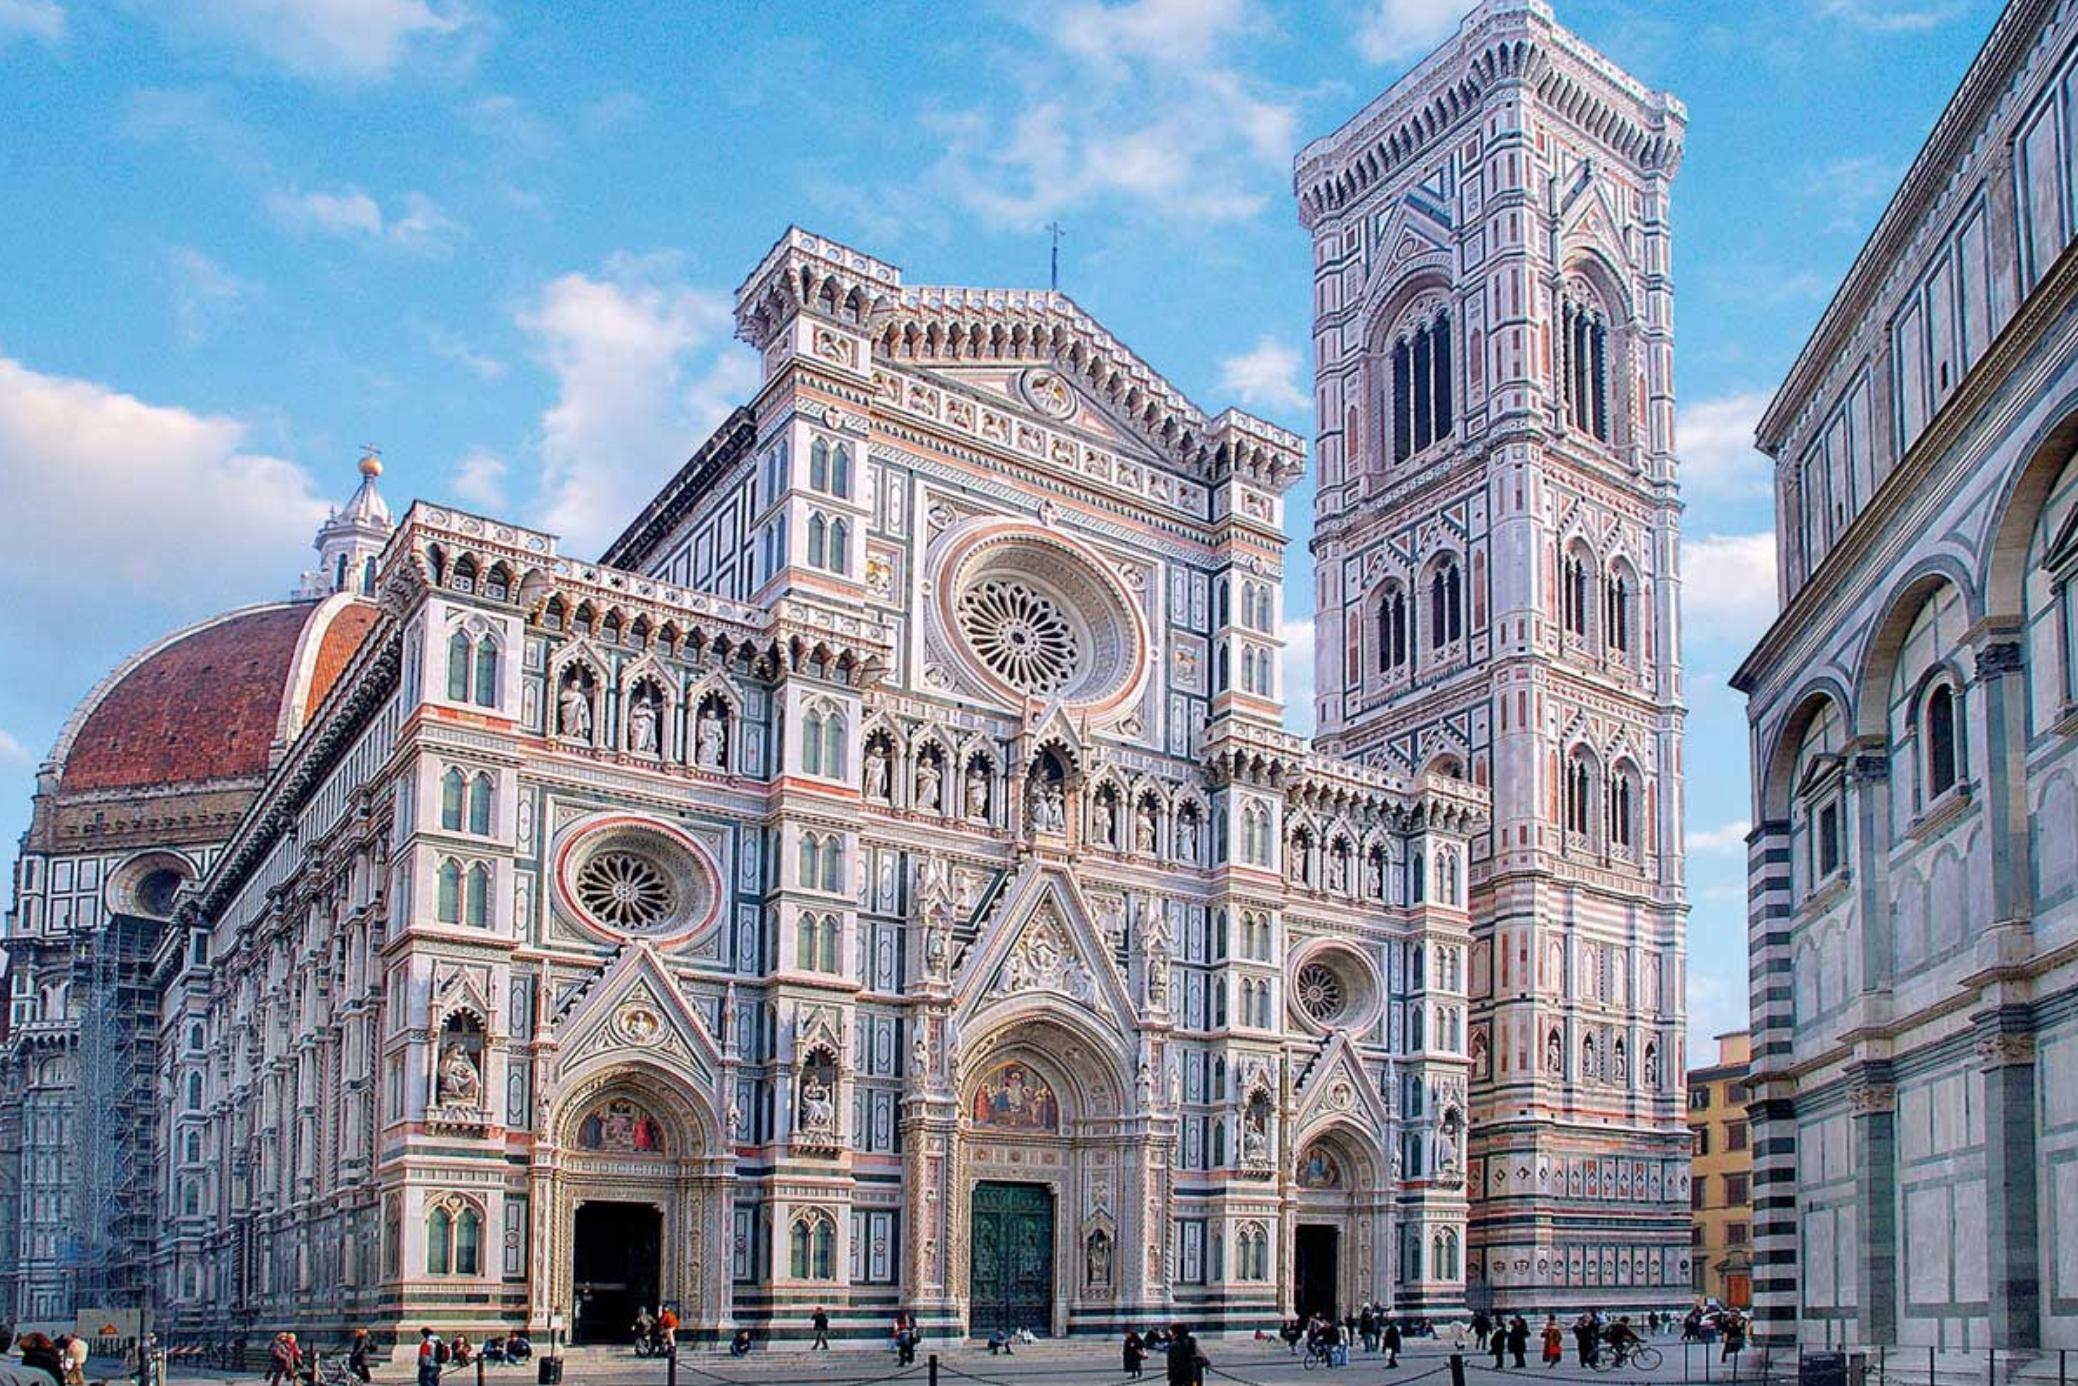 232,2 miliardi di euro di fatturato, il 13,2% del PIL. Cosa aspetta l'Italia a puntare seriamente sul turismo?